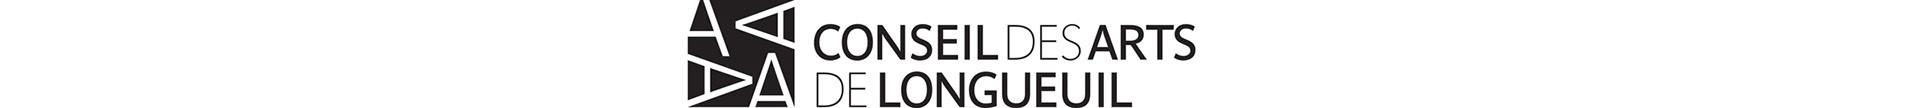 logo-conseil-longueuil.jpg